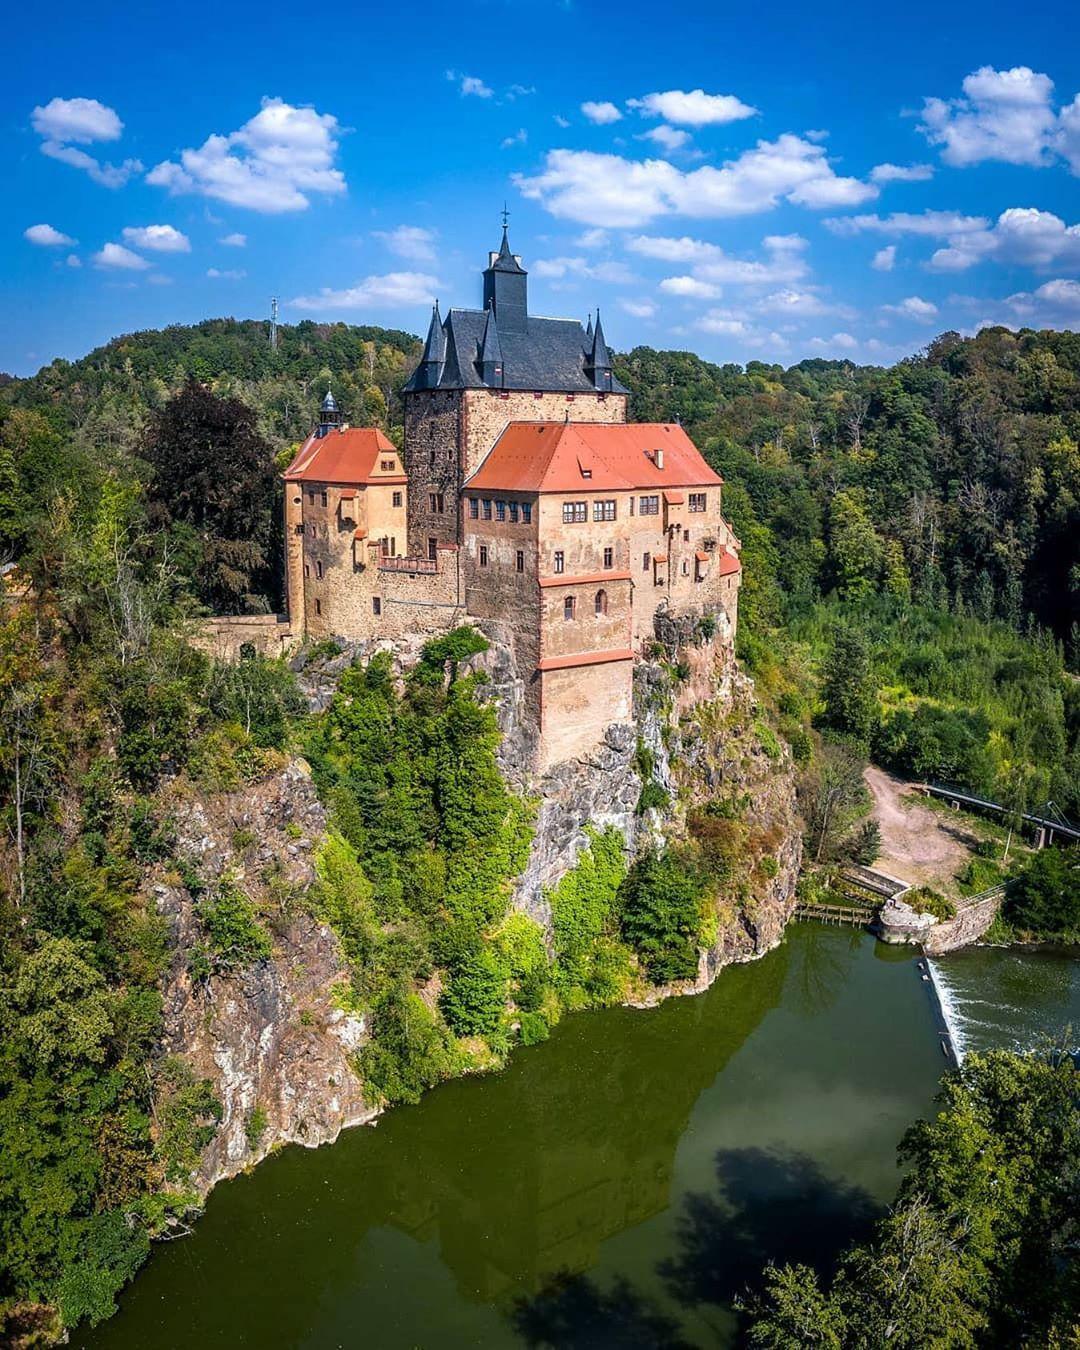 657 Vpodoban 9 Komentariv Schlosserland Sachsen Schloesserlandsachsen V Instagram Was Fur Ein Beeindruc In 2020 European Castles Castle Travel Photography